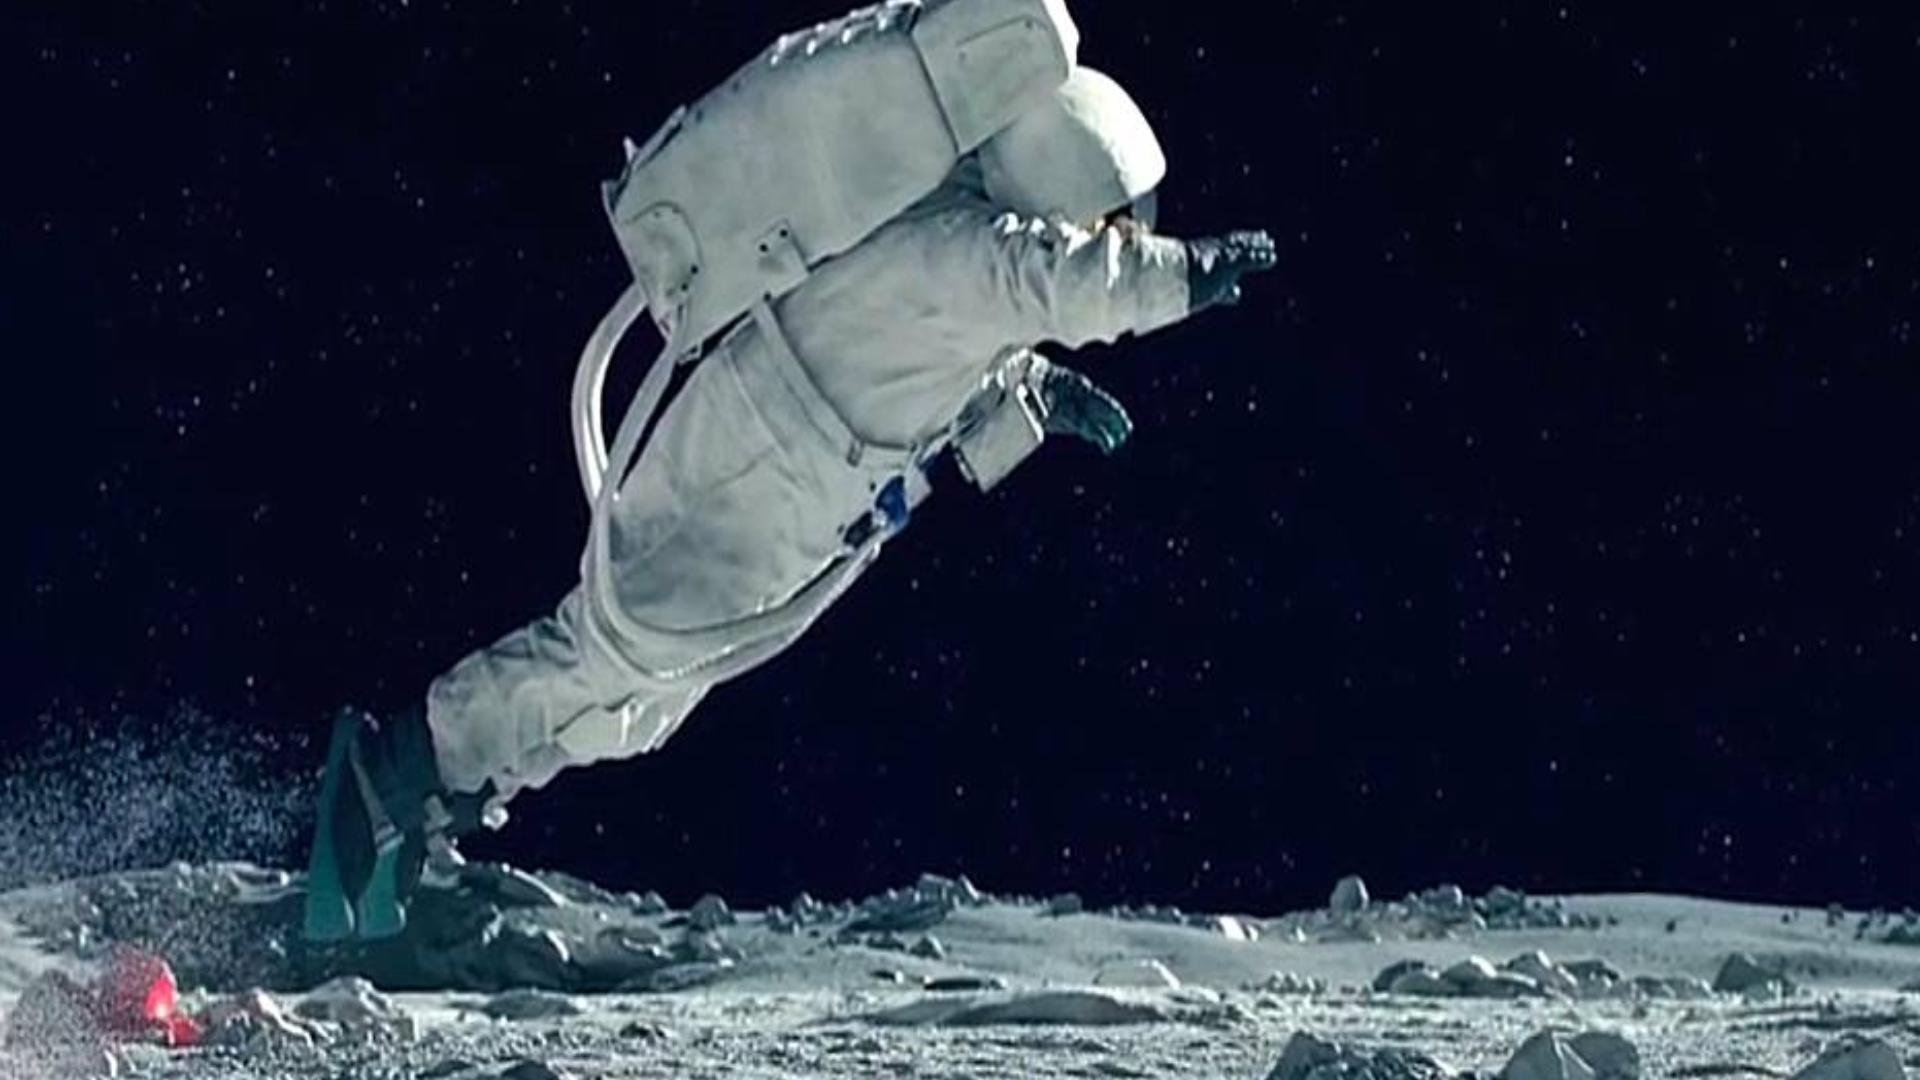 硬核科幻《月球追杀》:死神来勾魂,即使躲到月球上也没用